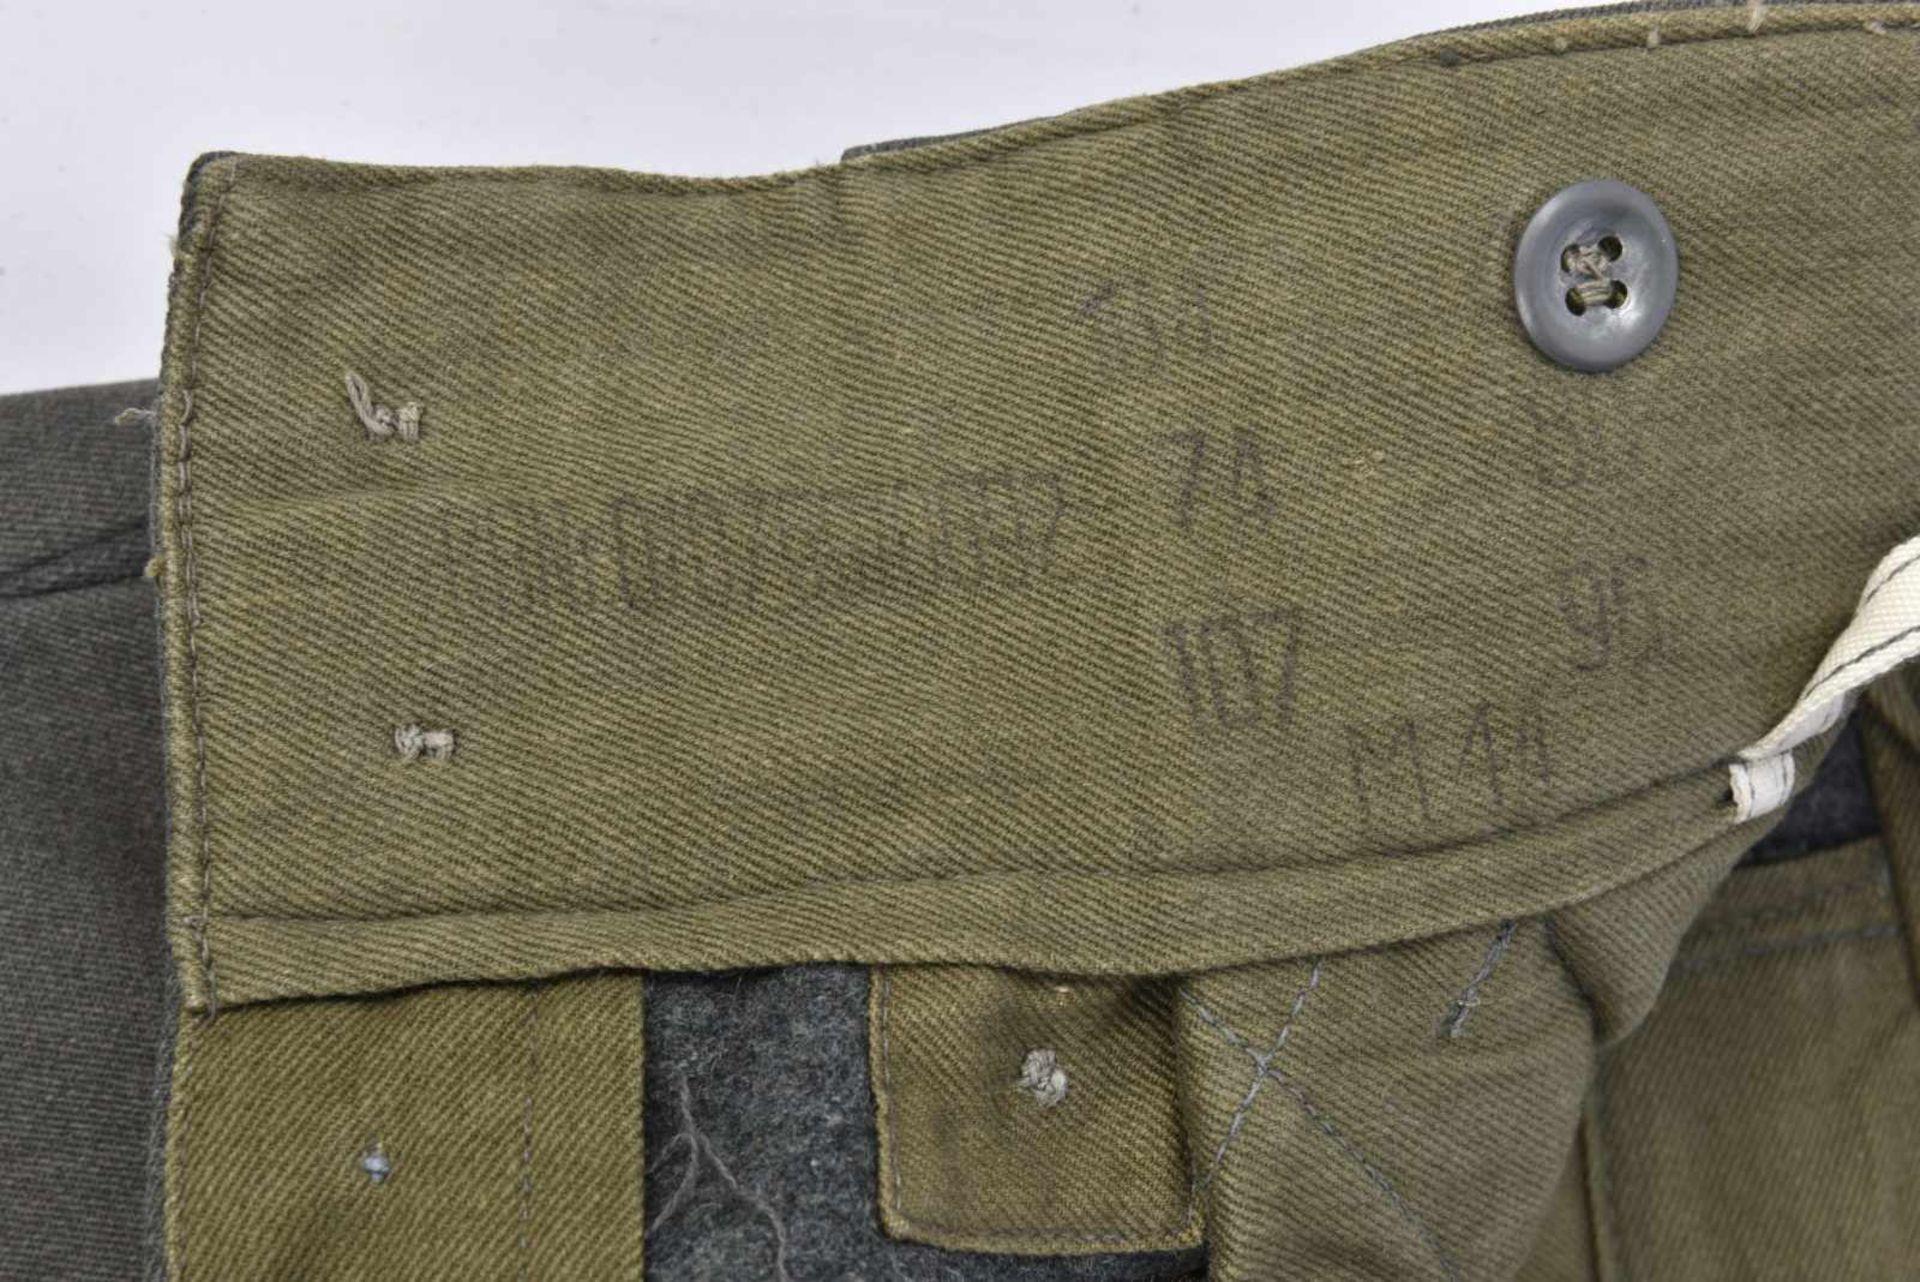 Pantalon en gabardine italienne. Modèle 44, en gabardine grise, tous les boutons sont présents. - Bild 2 aus 4